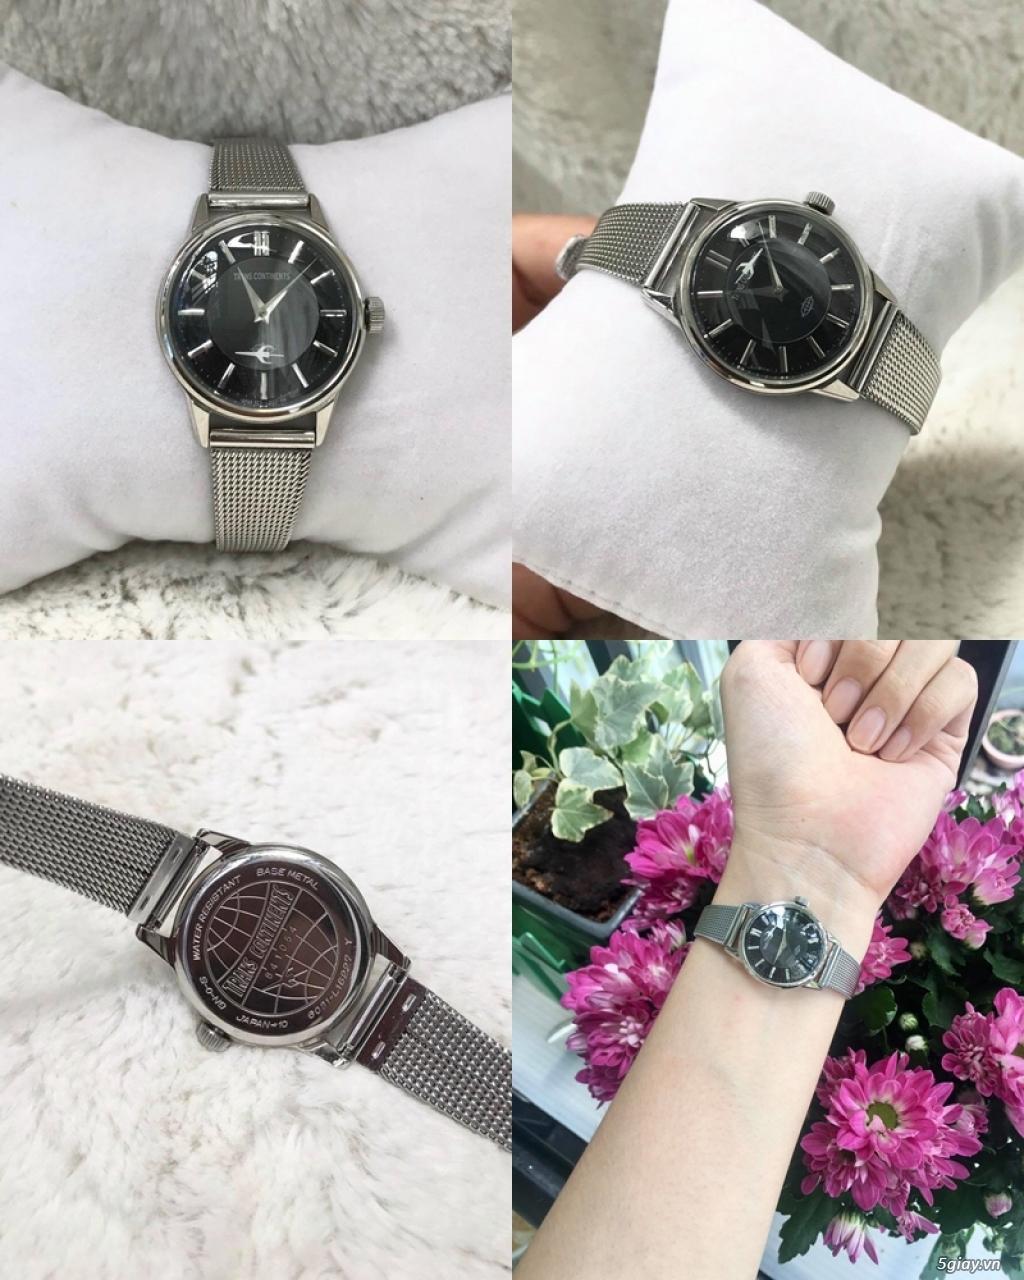 Kho đồng hồ xách tay chính hãng secondhand update liên tục - 45